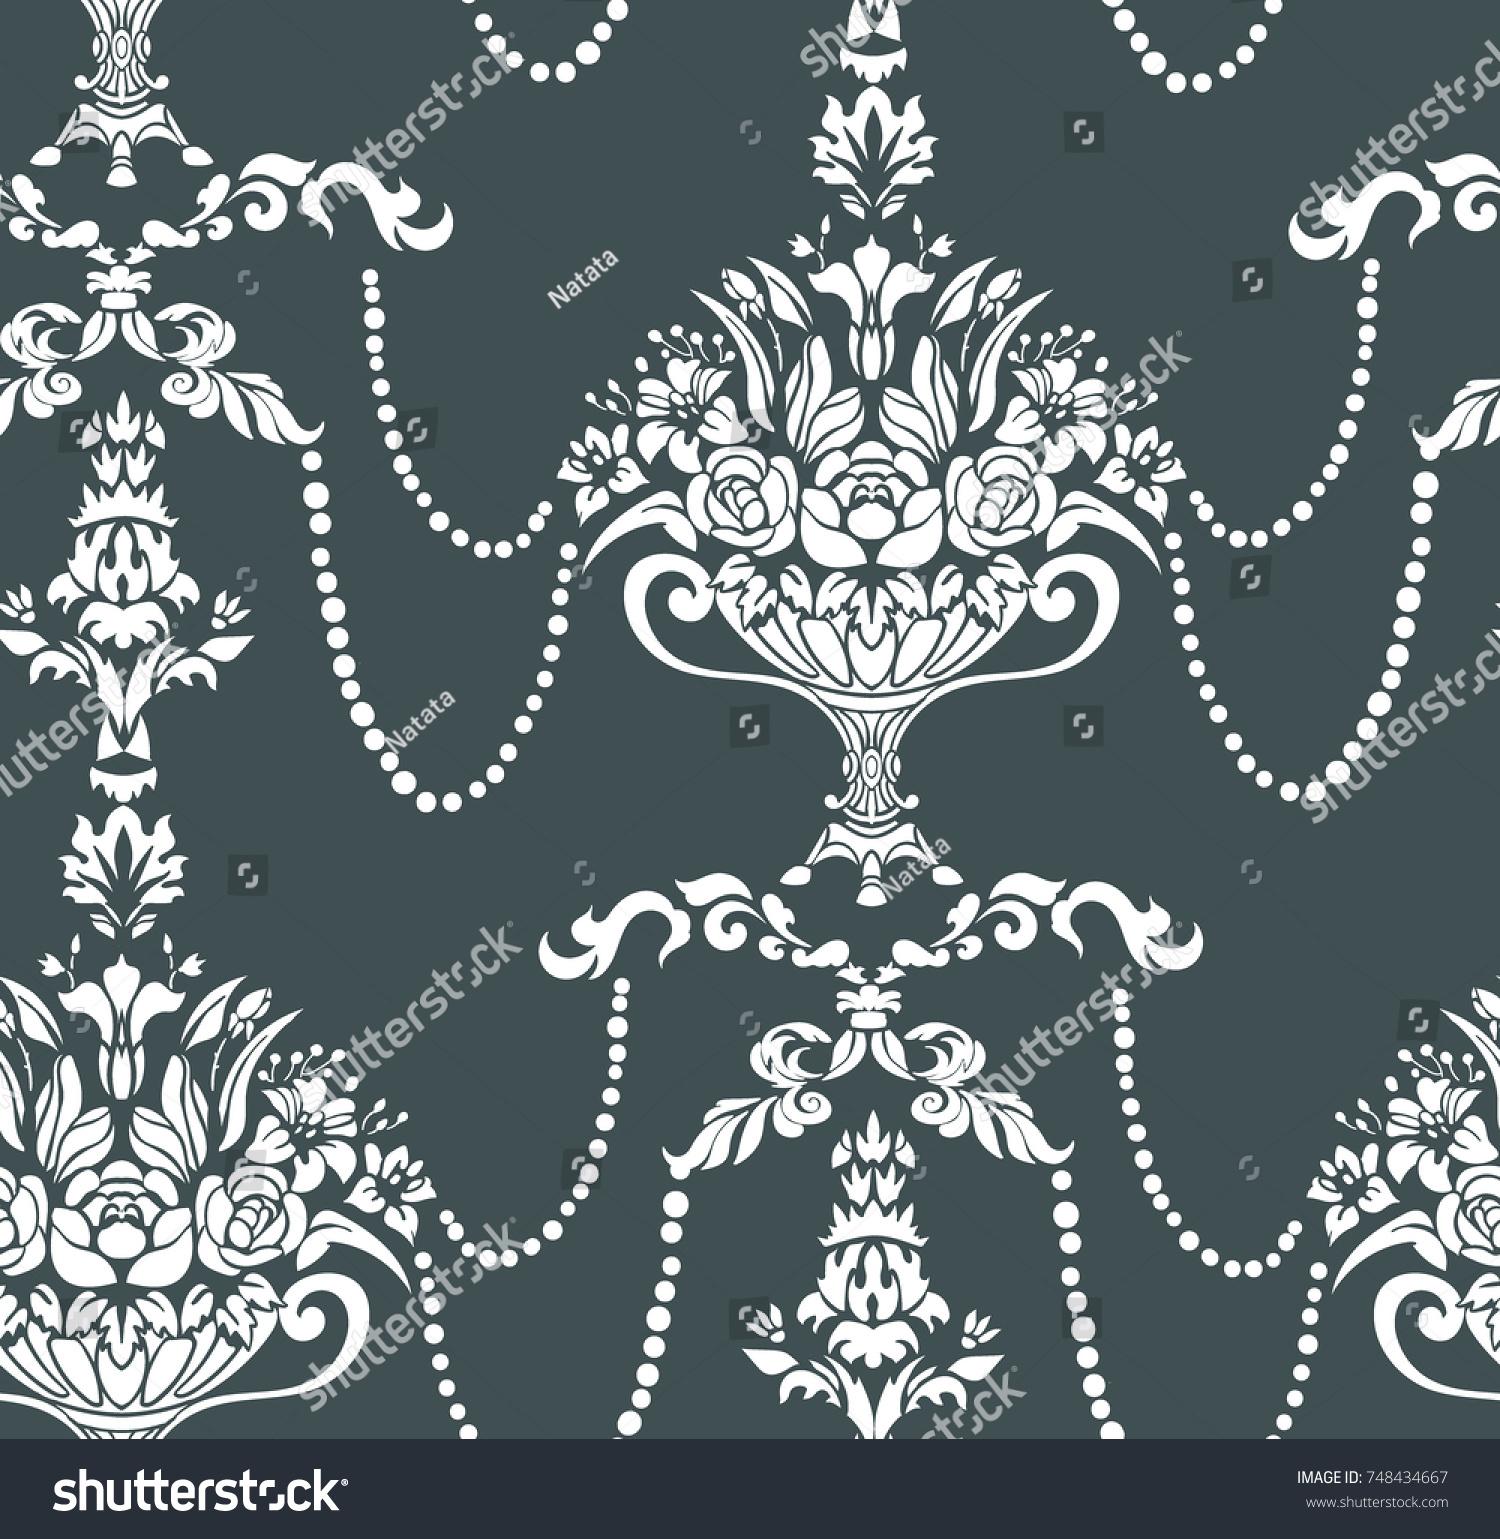 Beads flowers vase damask vector elegant stock vector 748434667 beads flowers vase damask vector elegant pattern reviewsmspy